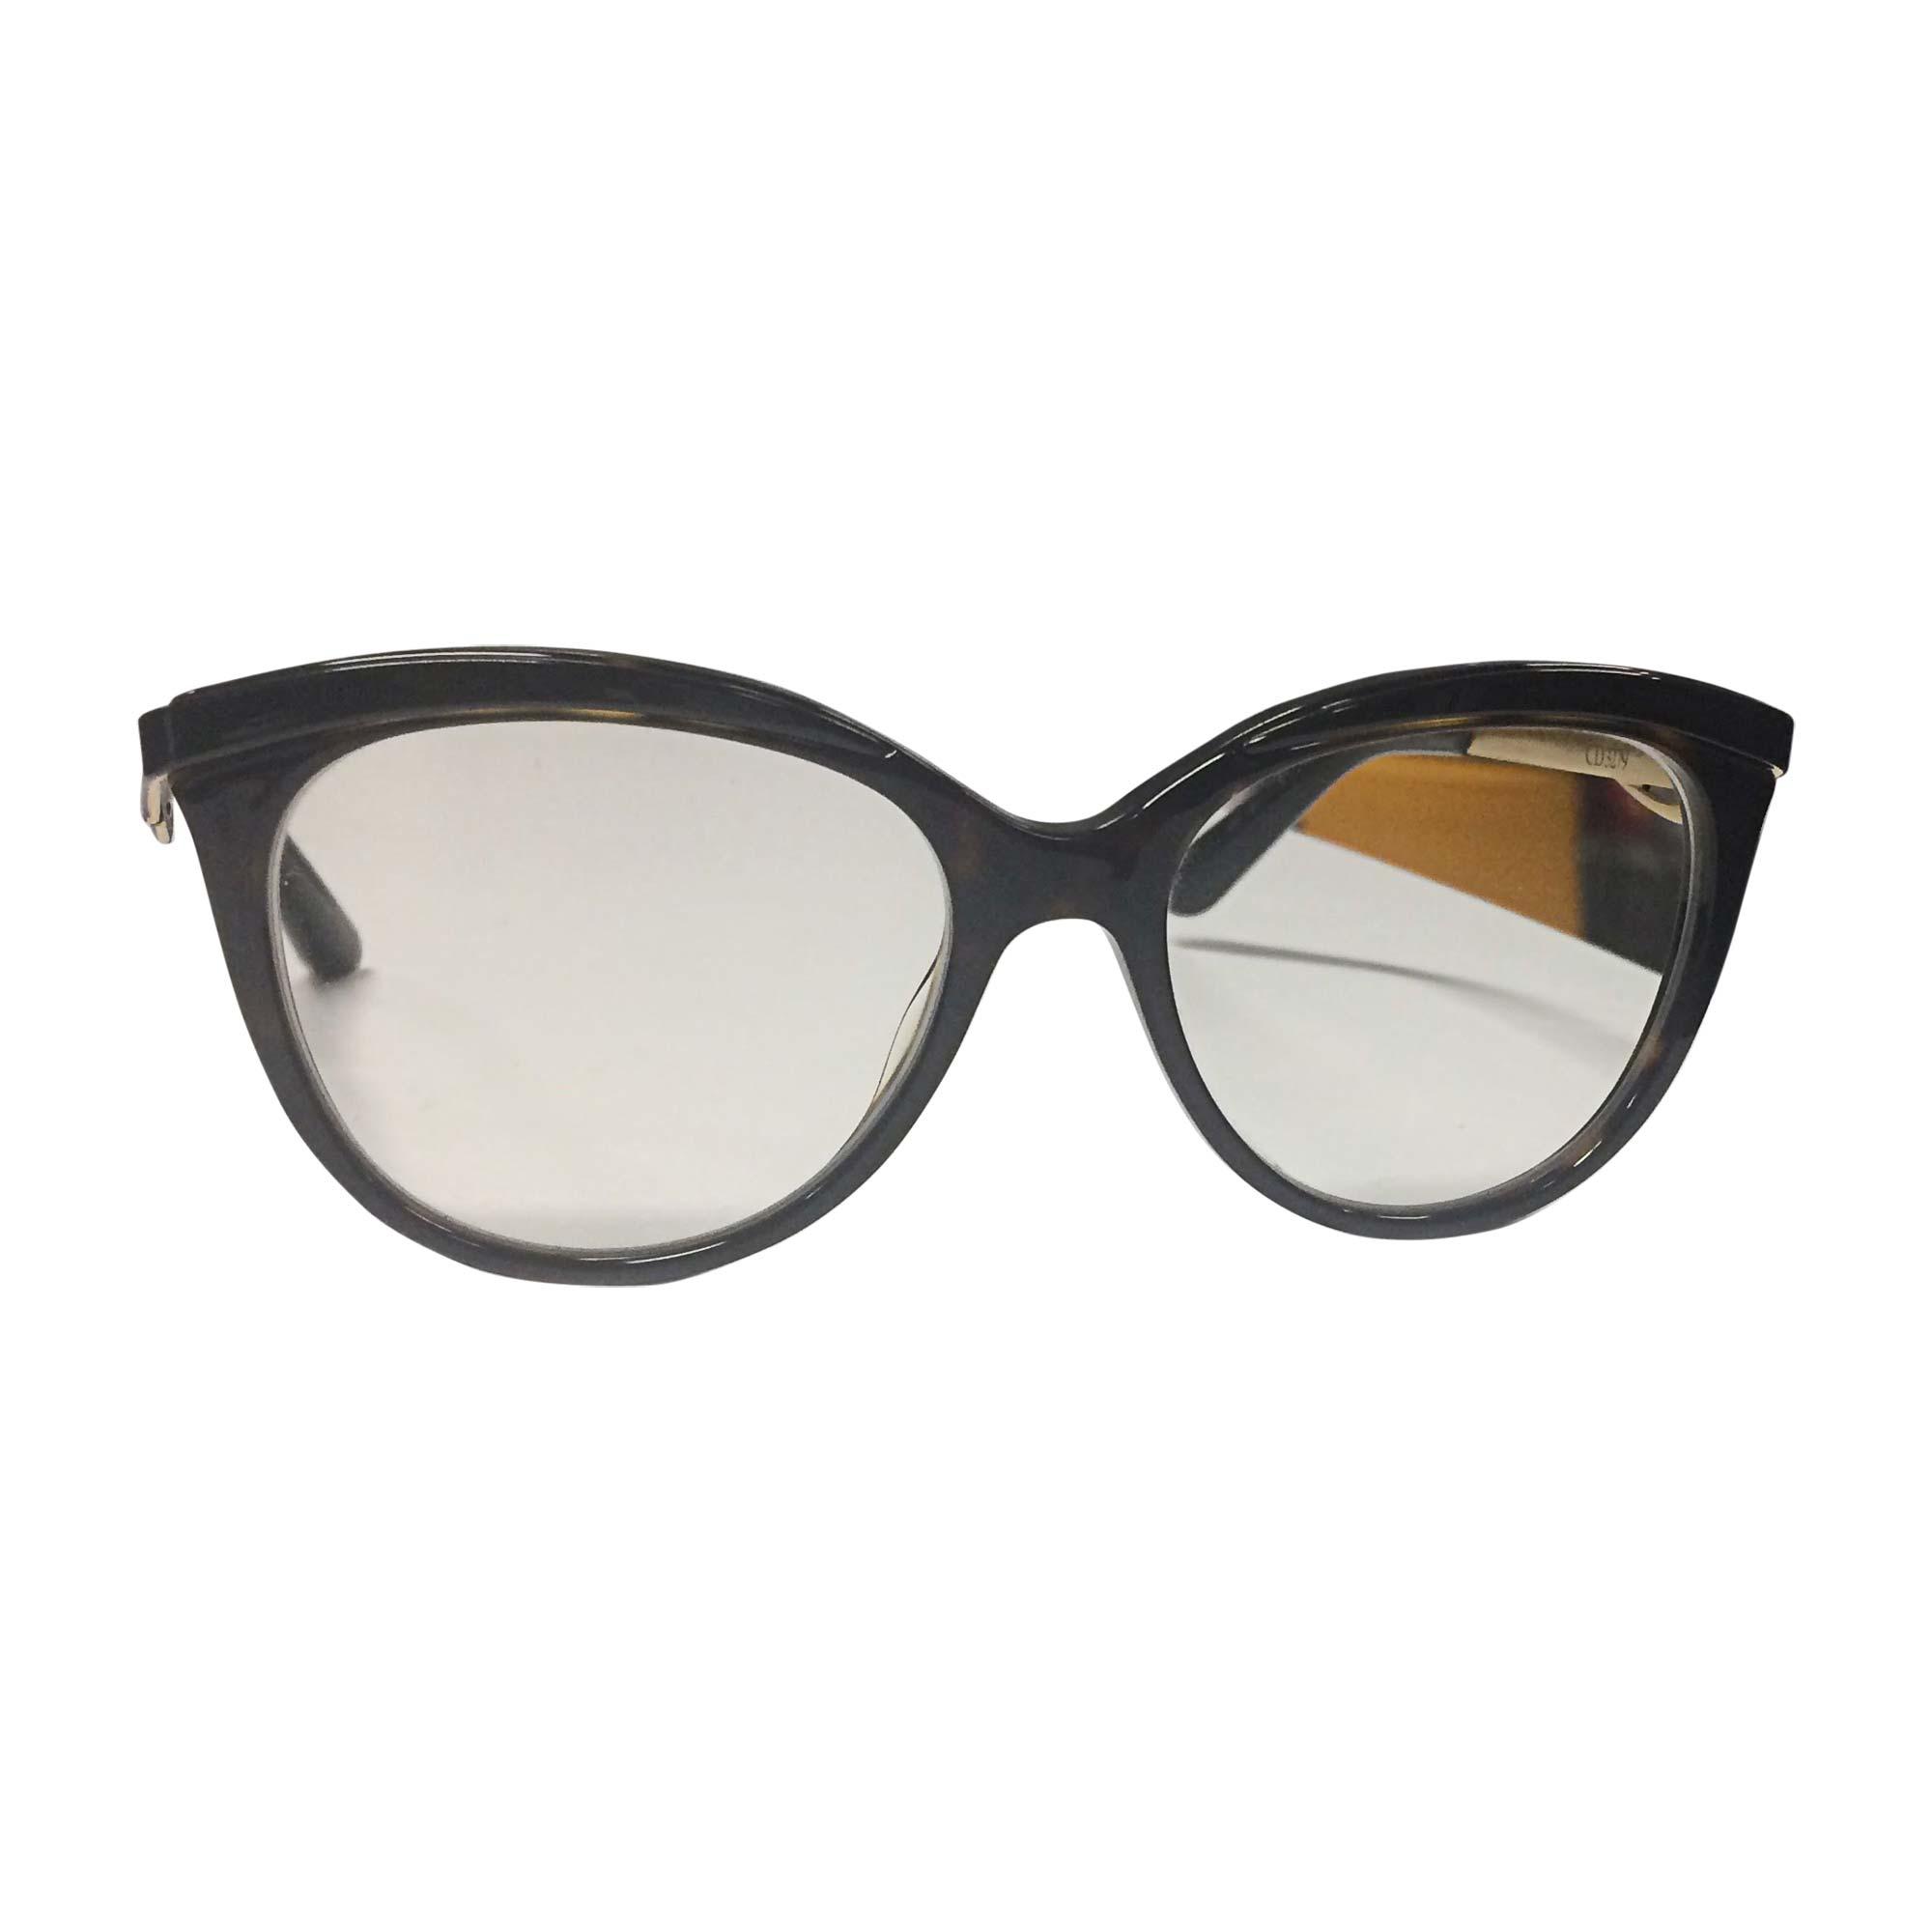 Monture de lunettes DIOR noir vendu par Marie-laure 31279925 - 7390367 c527744e1607